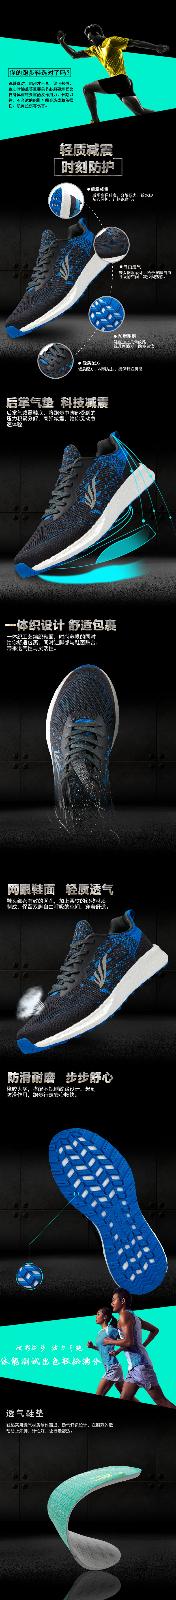 羽晟马拉松慢跑专用鞋